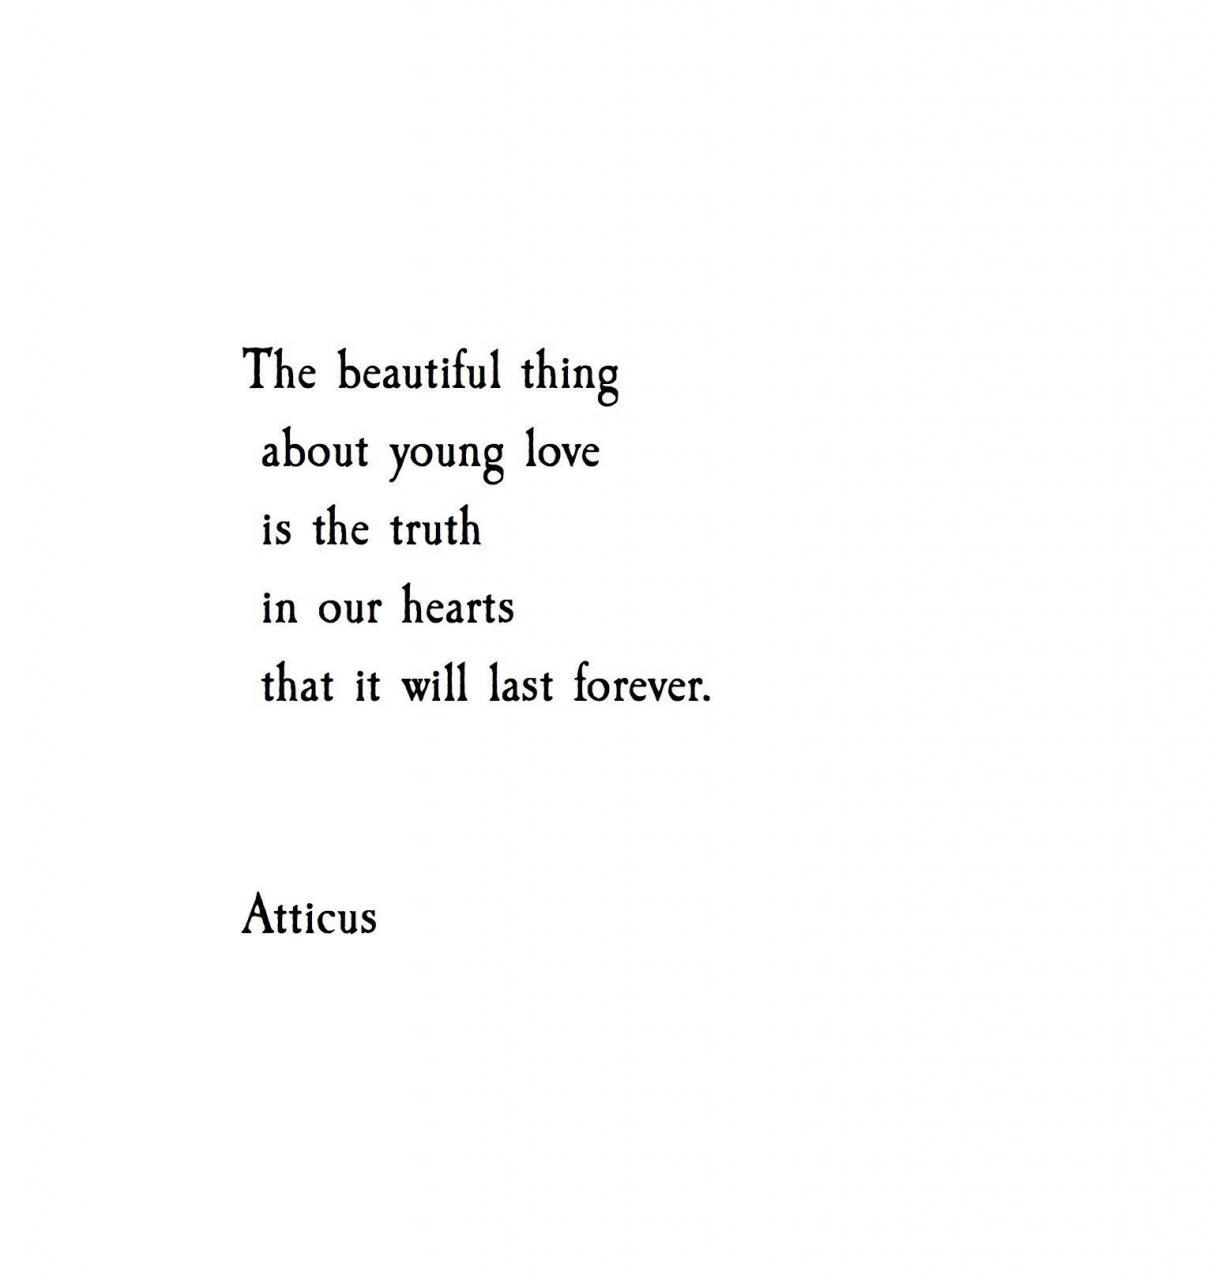 Young Hearts Atticuspoetry Atticuspoetry Deep Quotesquotes Loverandom